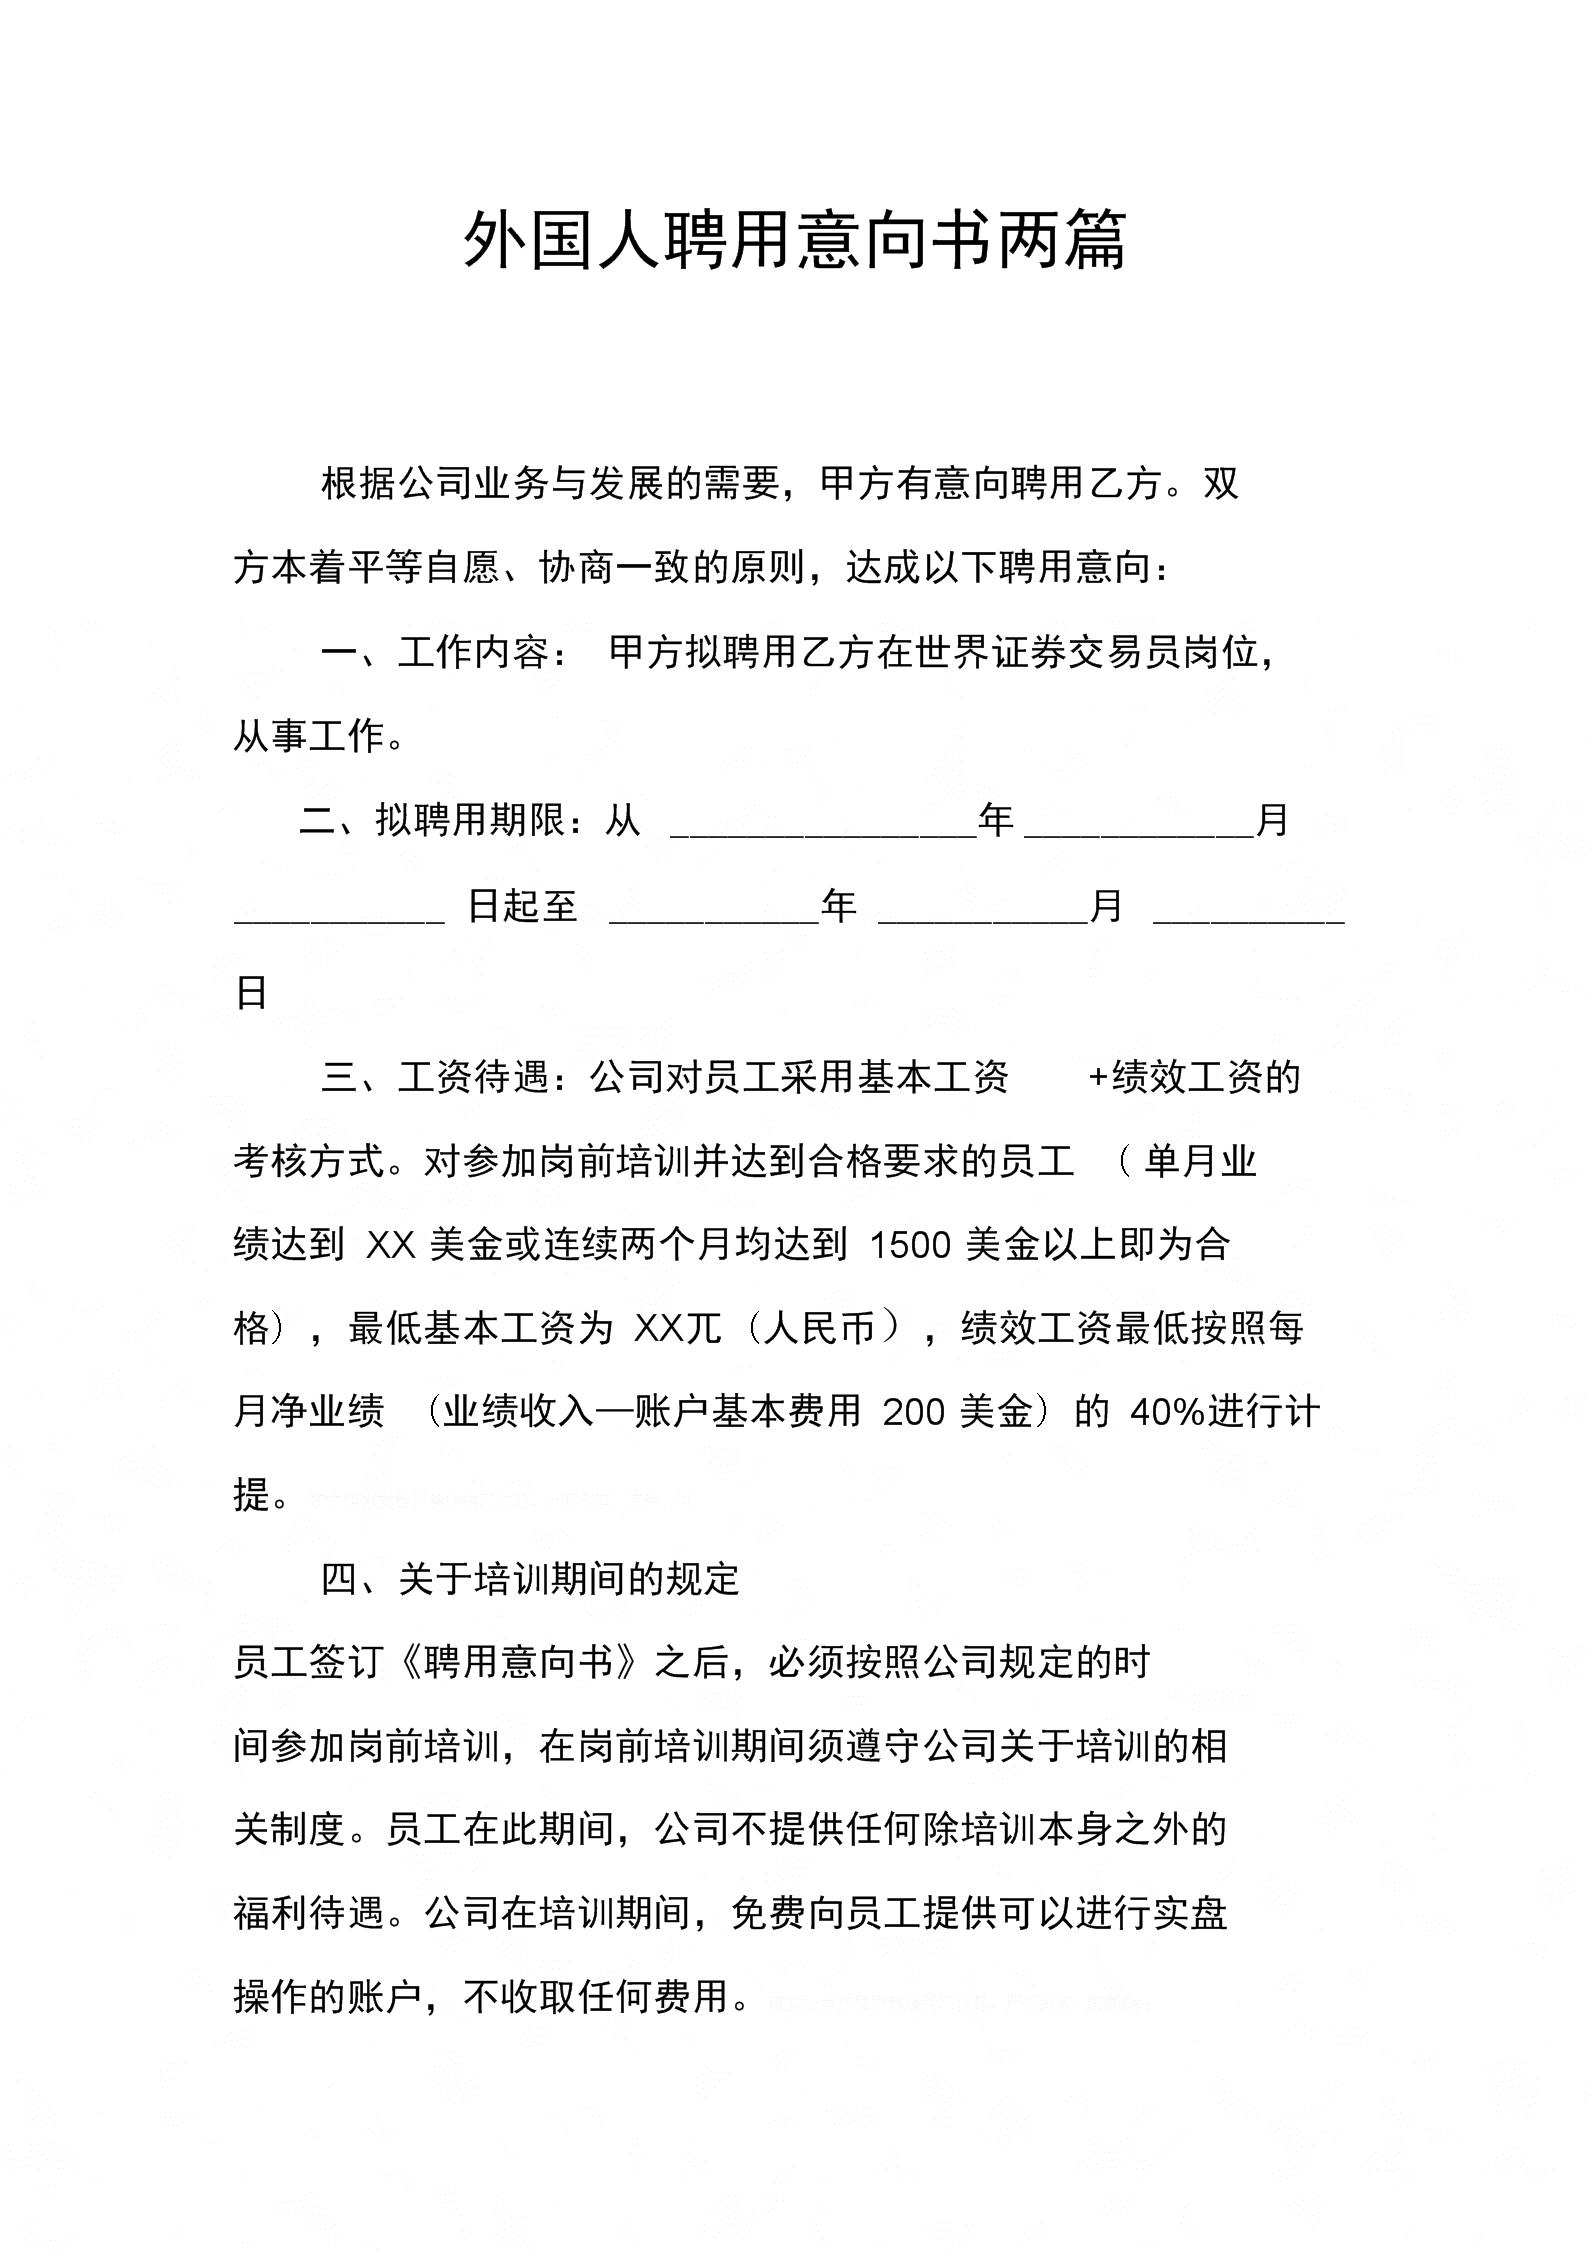 外国人聘用意向书两篇.docx